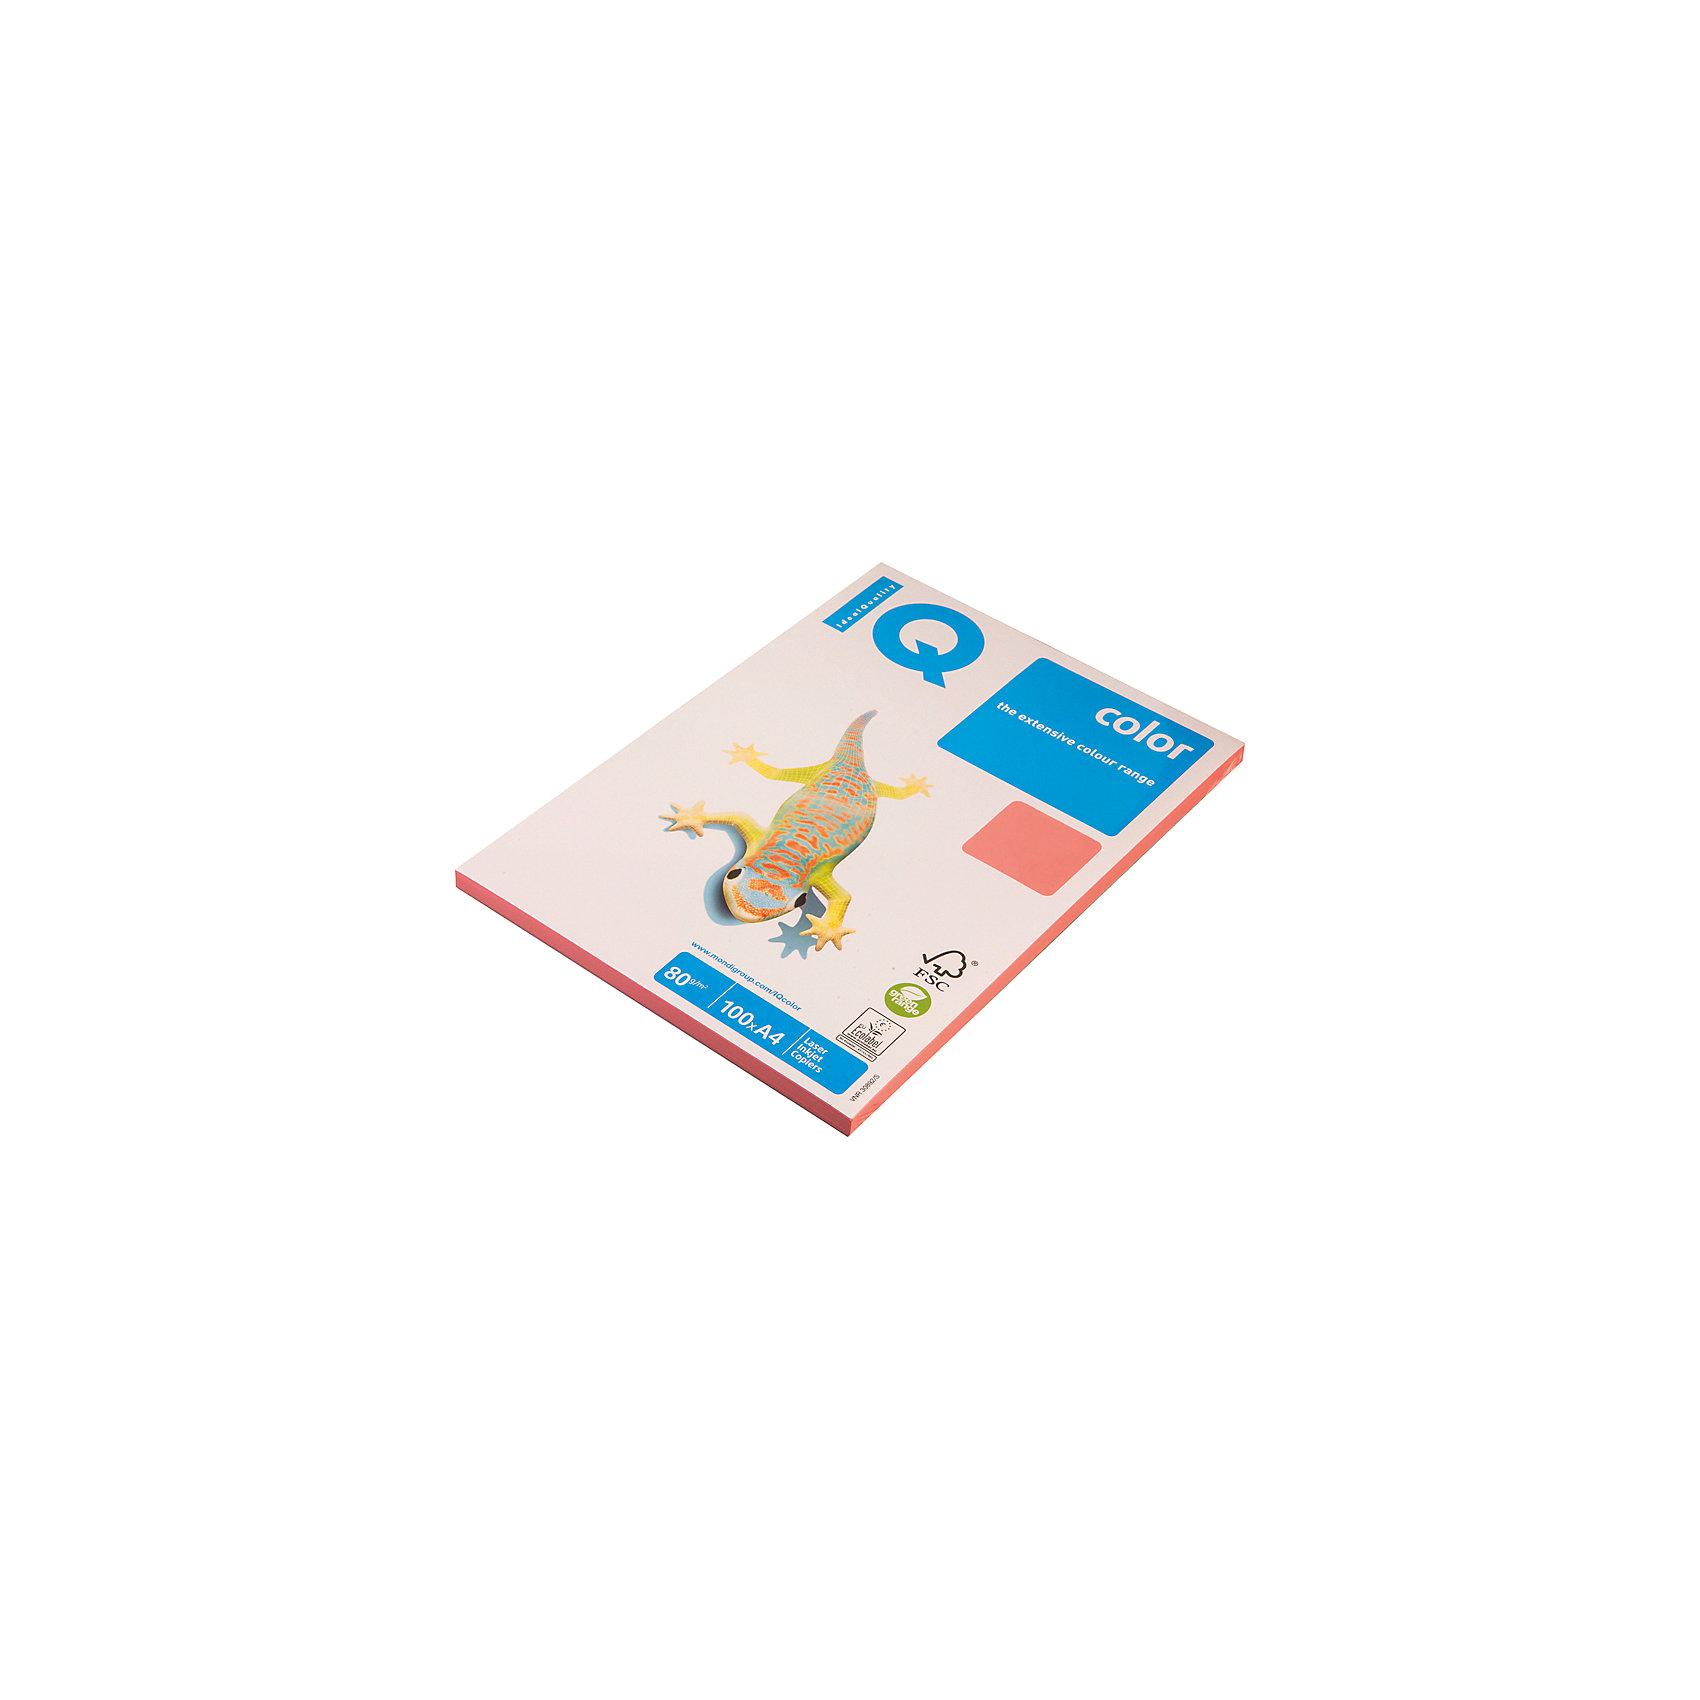 Бумага IQ Color neon А4 100 листов IQ, розовый неонБумажная продукция<br>Плотность бумаги: 80 <br>Формат : A4<br>Количество листов: 100<br>Цвет: розовый<br>Насыщенность цвета: неоновый<br>Толщина: 103<br>Непрозрачность: 92<br>Количество цветов в пачке: 1<br>Количество пачек в коробке: 22<br>Бумага форматная цветная, А4. Класс А+, упаковка 100 листов. Плотность бумаги 80 г/м?, яркость 104%. Насыщенный цвет.<br><br>Ширина мм: 280<br>Глубина мм: 220<br>Высота мм: 15<br>Вес г: 545<br>Возраст от месяцев: 60<br>Возраст до месяцев: 2147483647<br>Пол: Унисекс<br>Возраст: Детский<br>SKU: 7044309